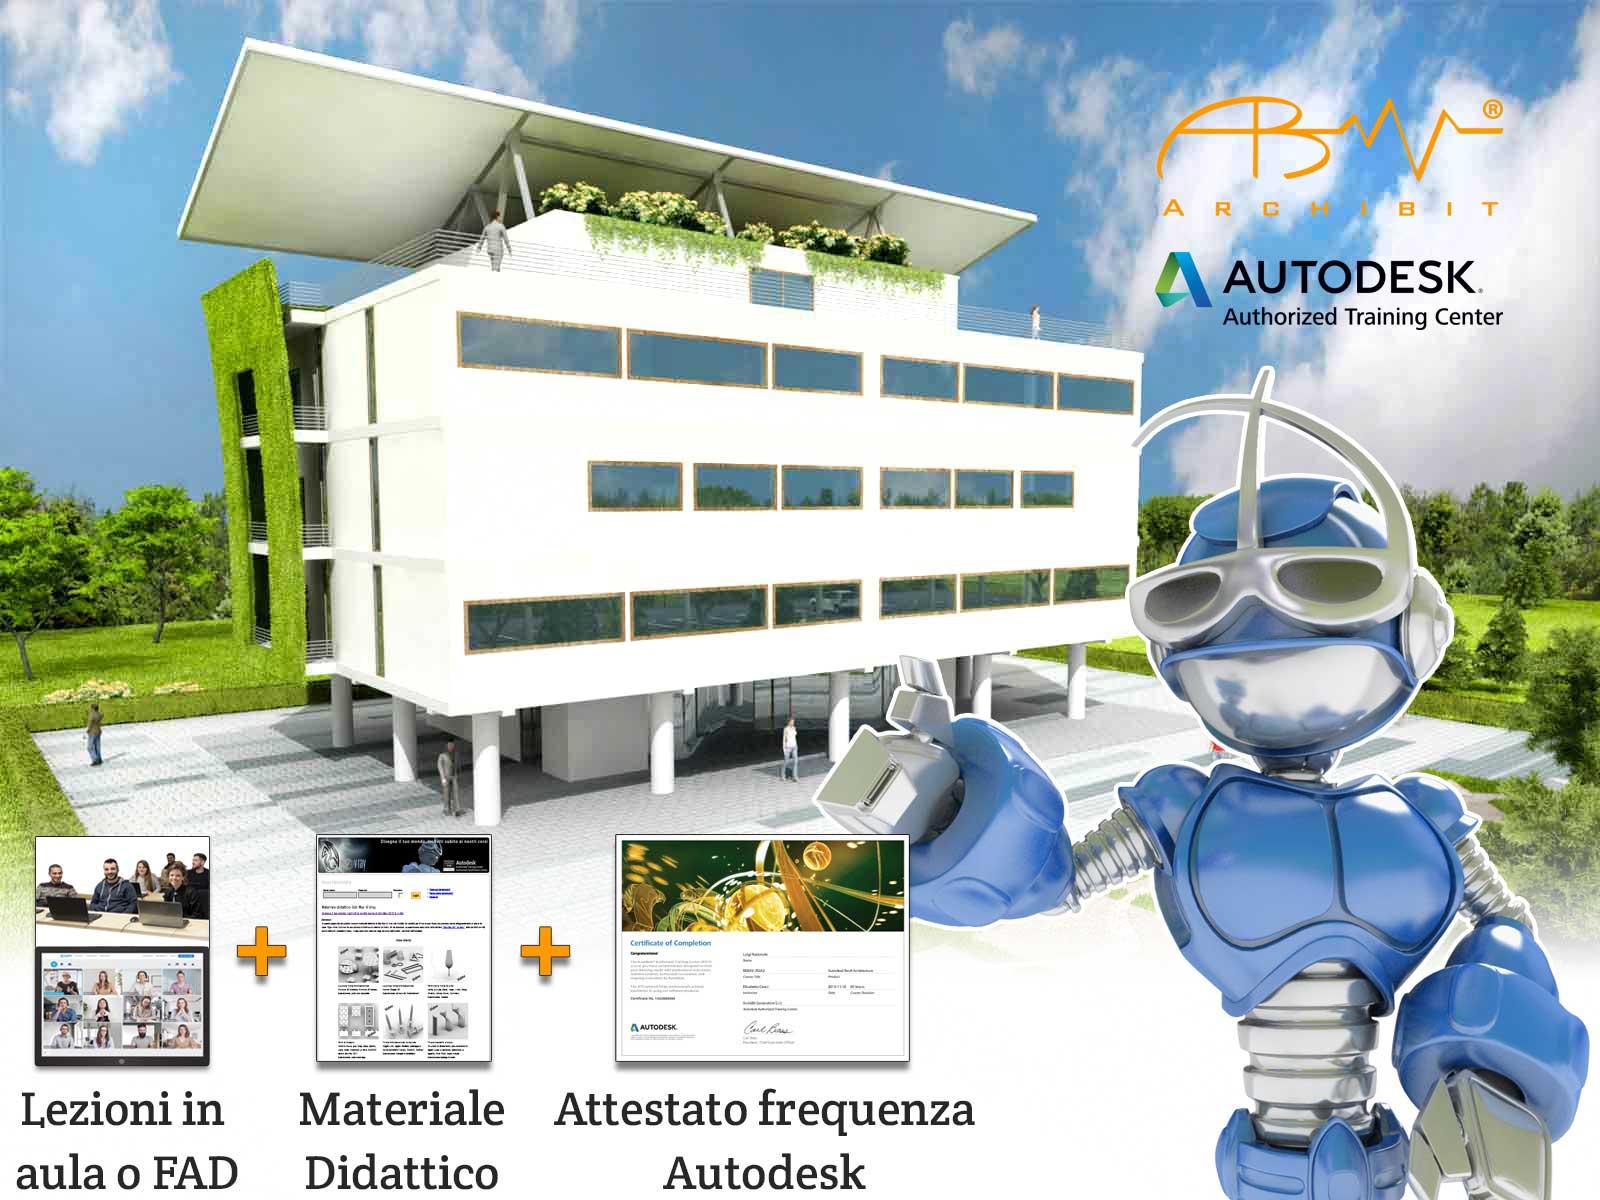 corso revt base bim autodesk roma centro corsi formazione professionale